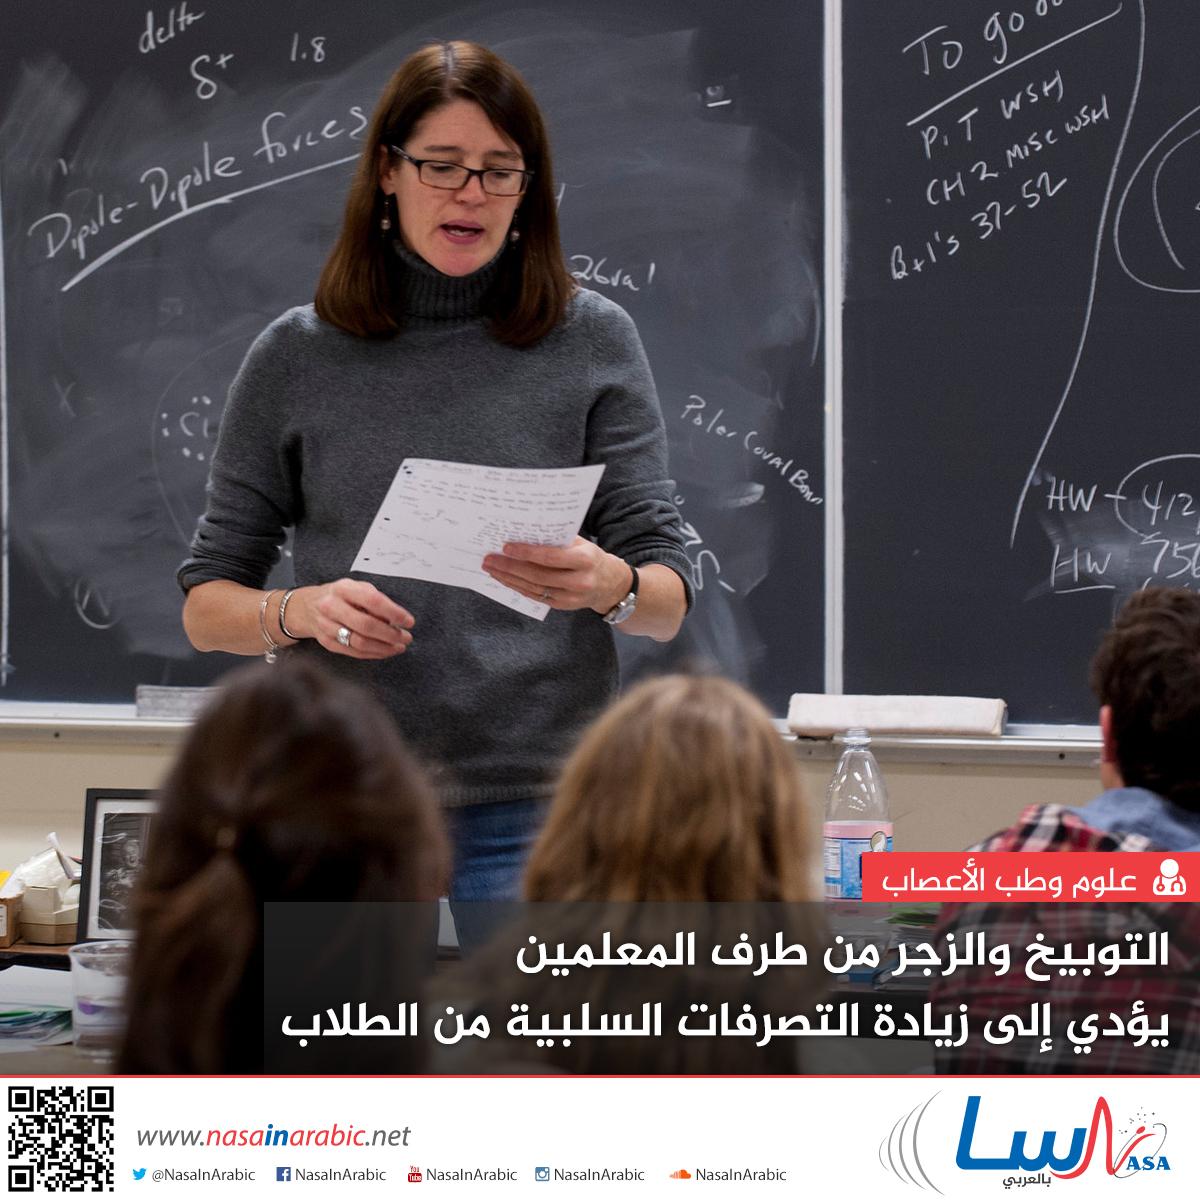 التوبيخ والزجر من طرف المعلمين يؤدي إلى زيادة التصرفات السلبية من الطلاب